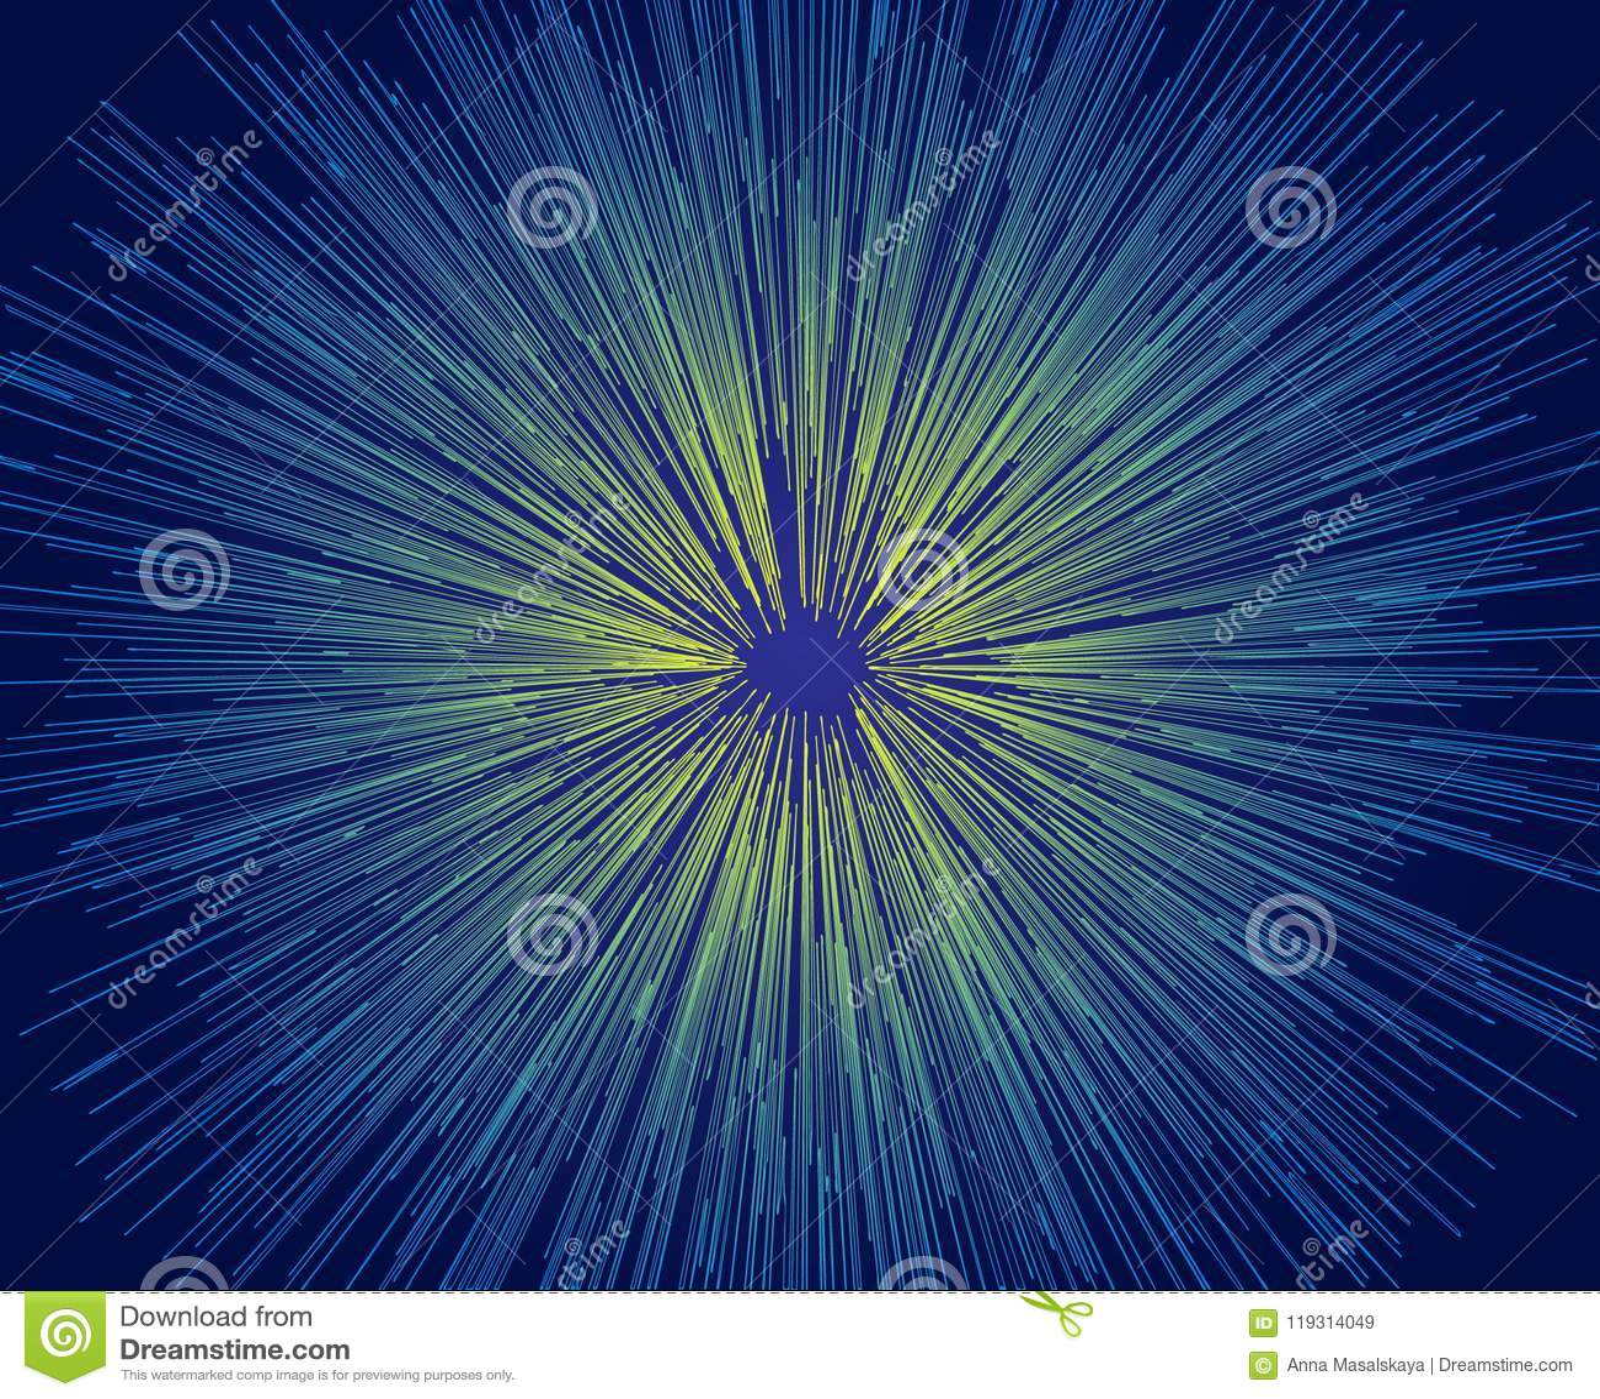 Vector Illustration abstrakten blauen und gelben Linien auf einem schwarzen Hintergrund